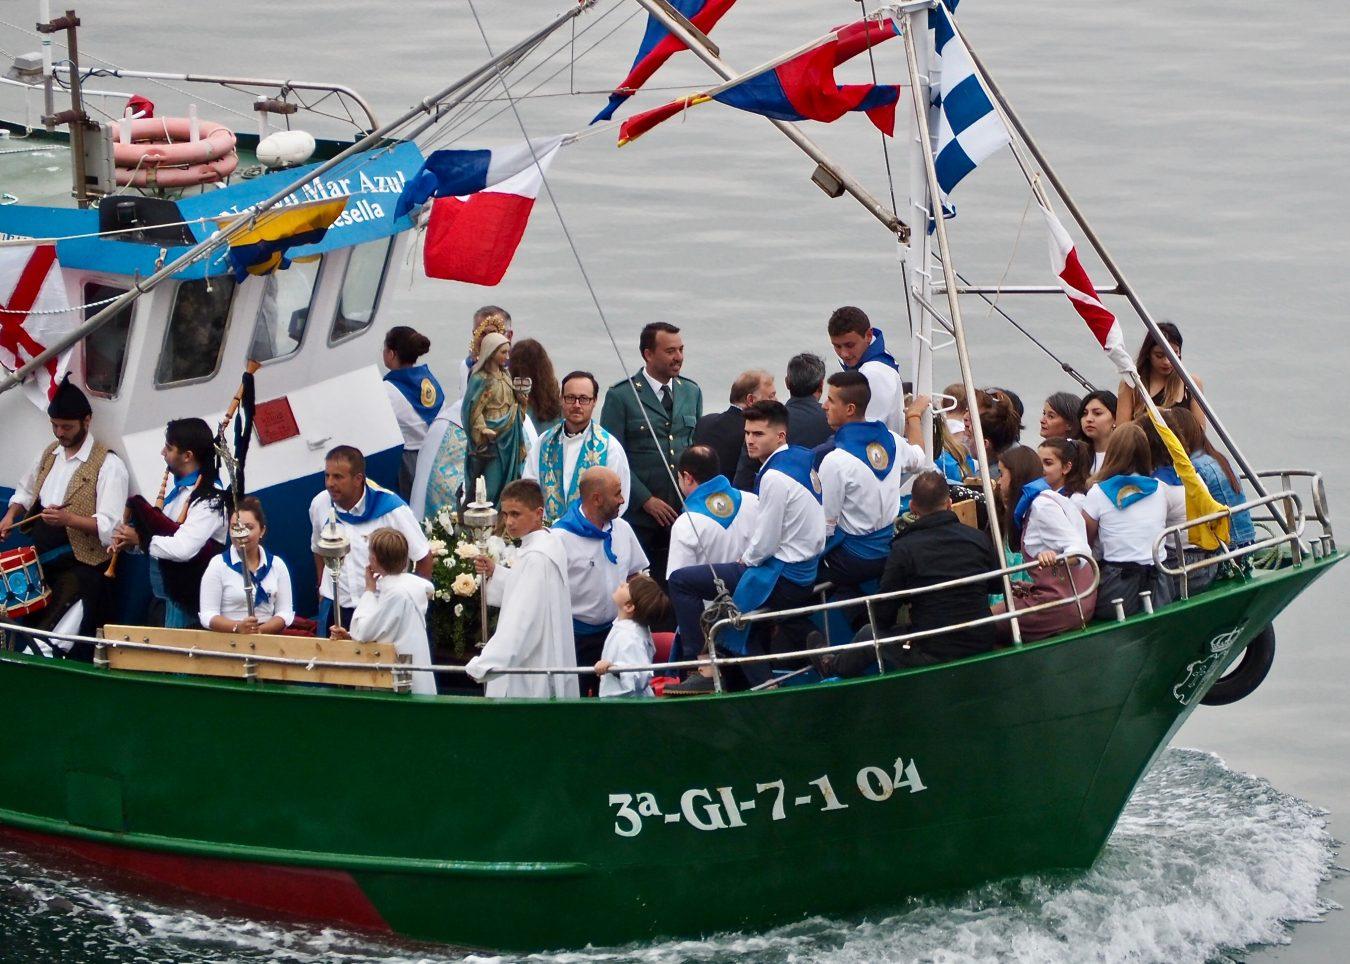 La procesión marinera de Guía reúne a miles de personas en el puerto de Ribadesella